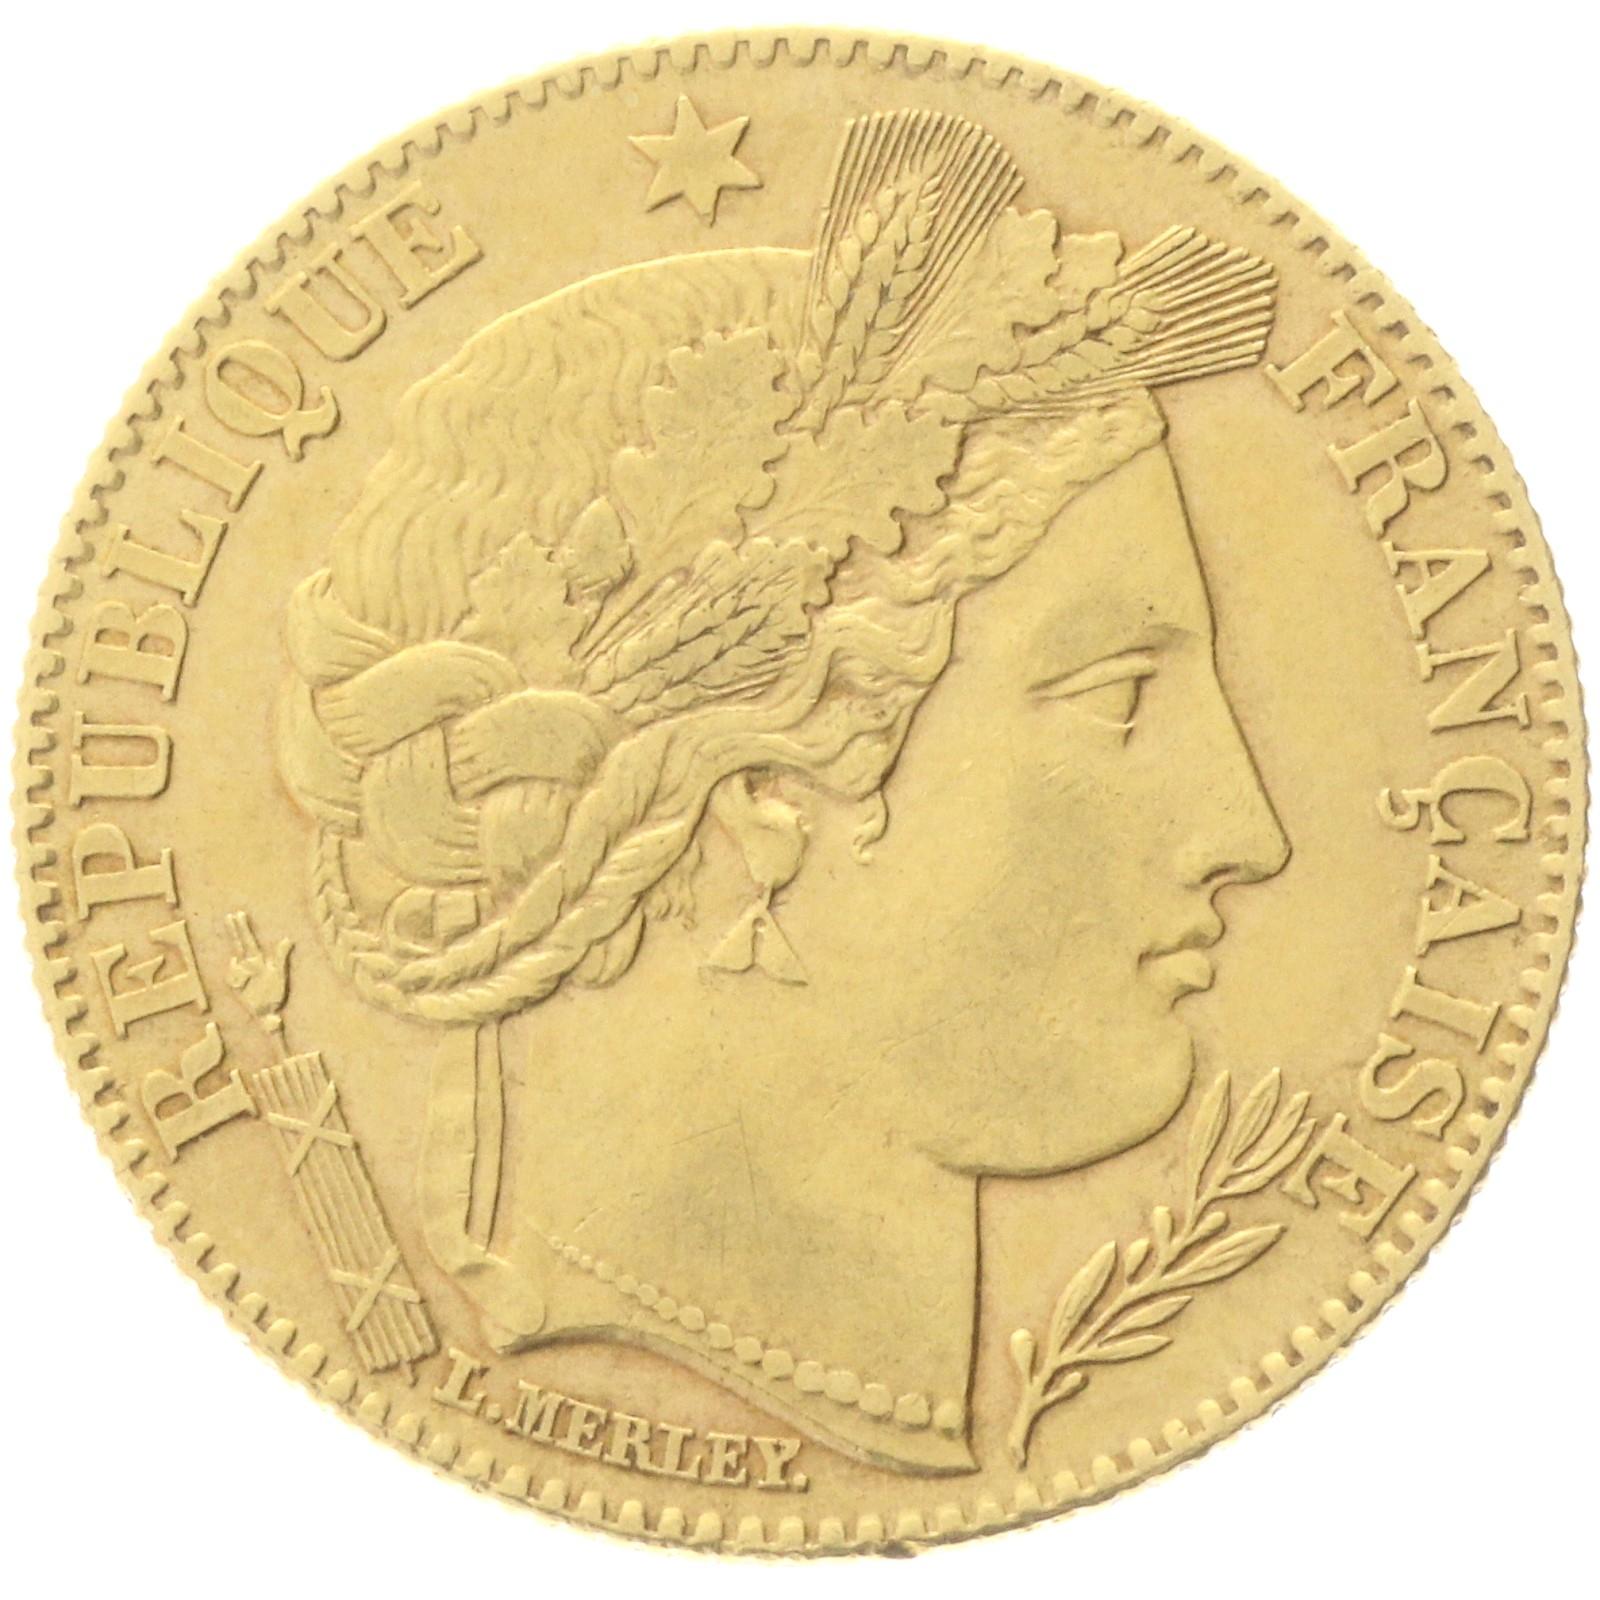 France - 10 francs - 1896 - A